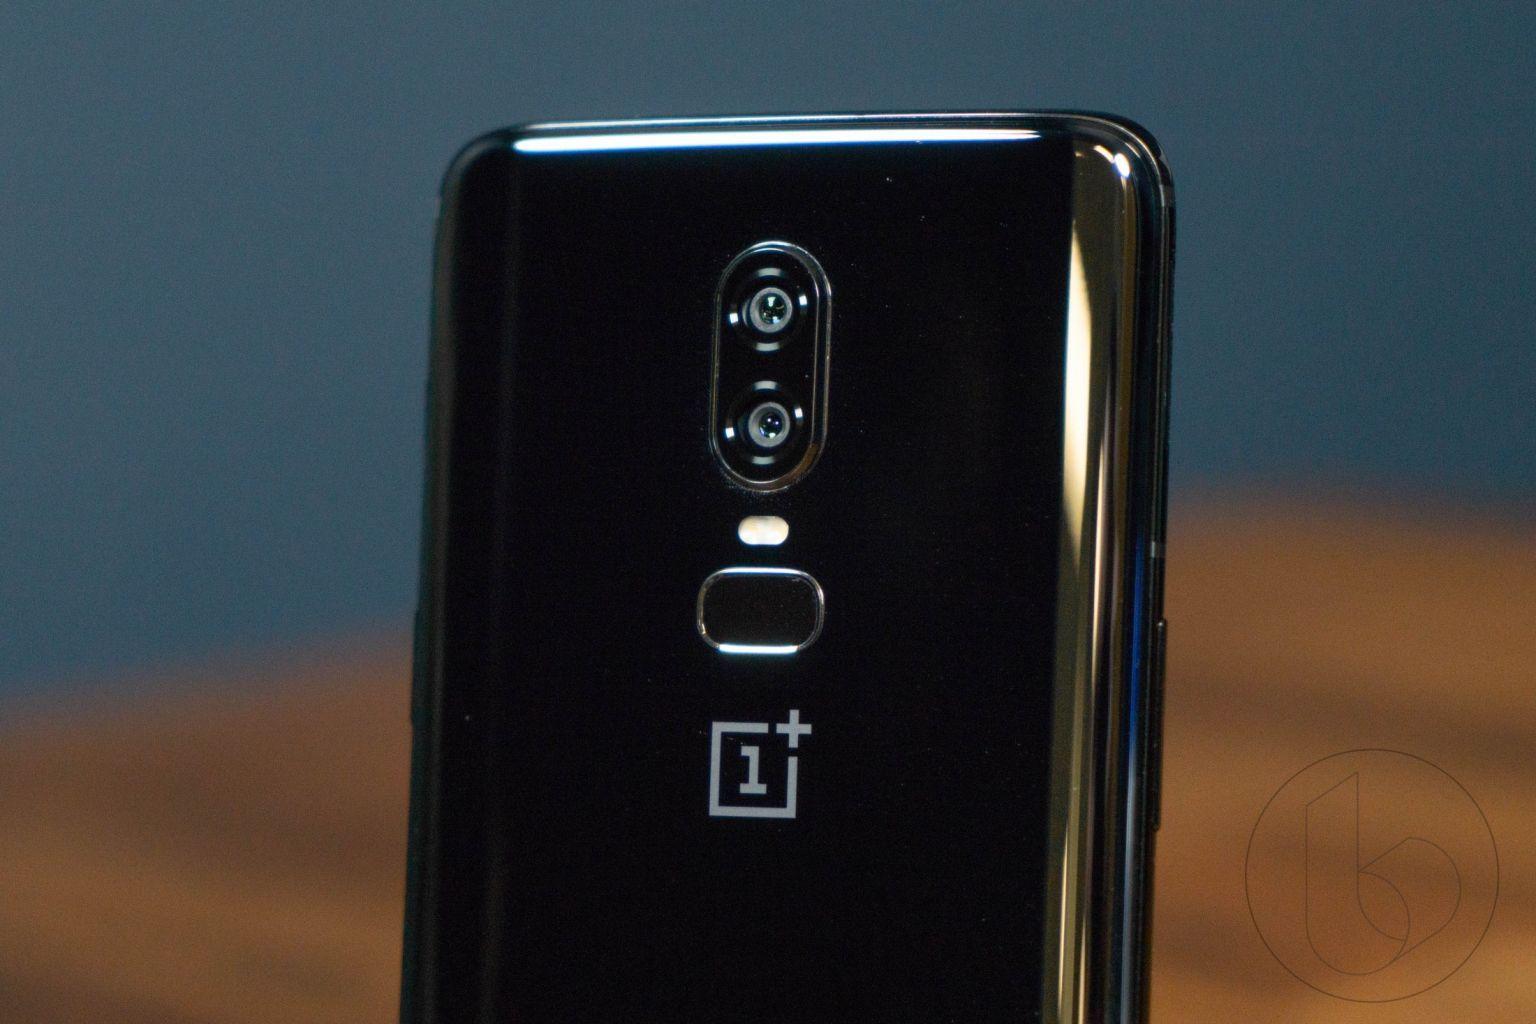 外媒推荐:2018年下半年最值得期待的5款Android手机的照片 - 3